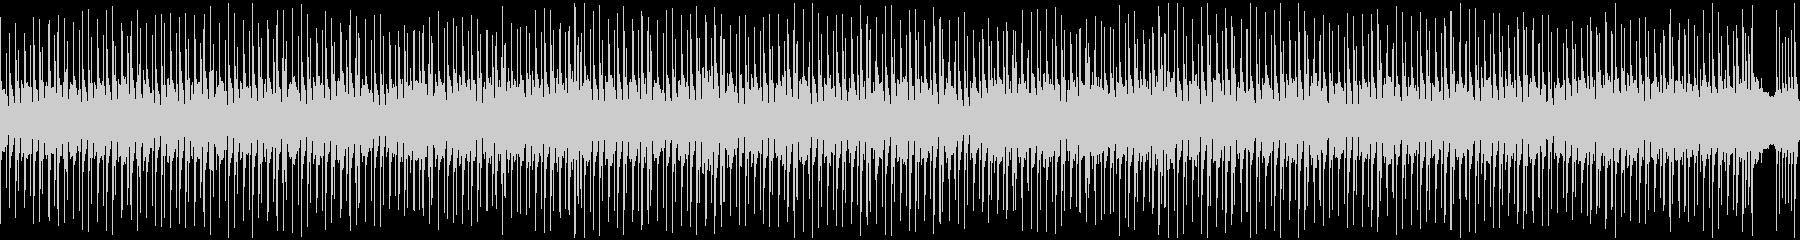 ピアノとバイオリンの日常系BGMの未再生の波形